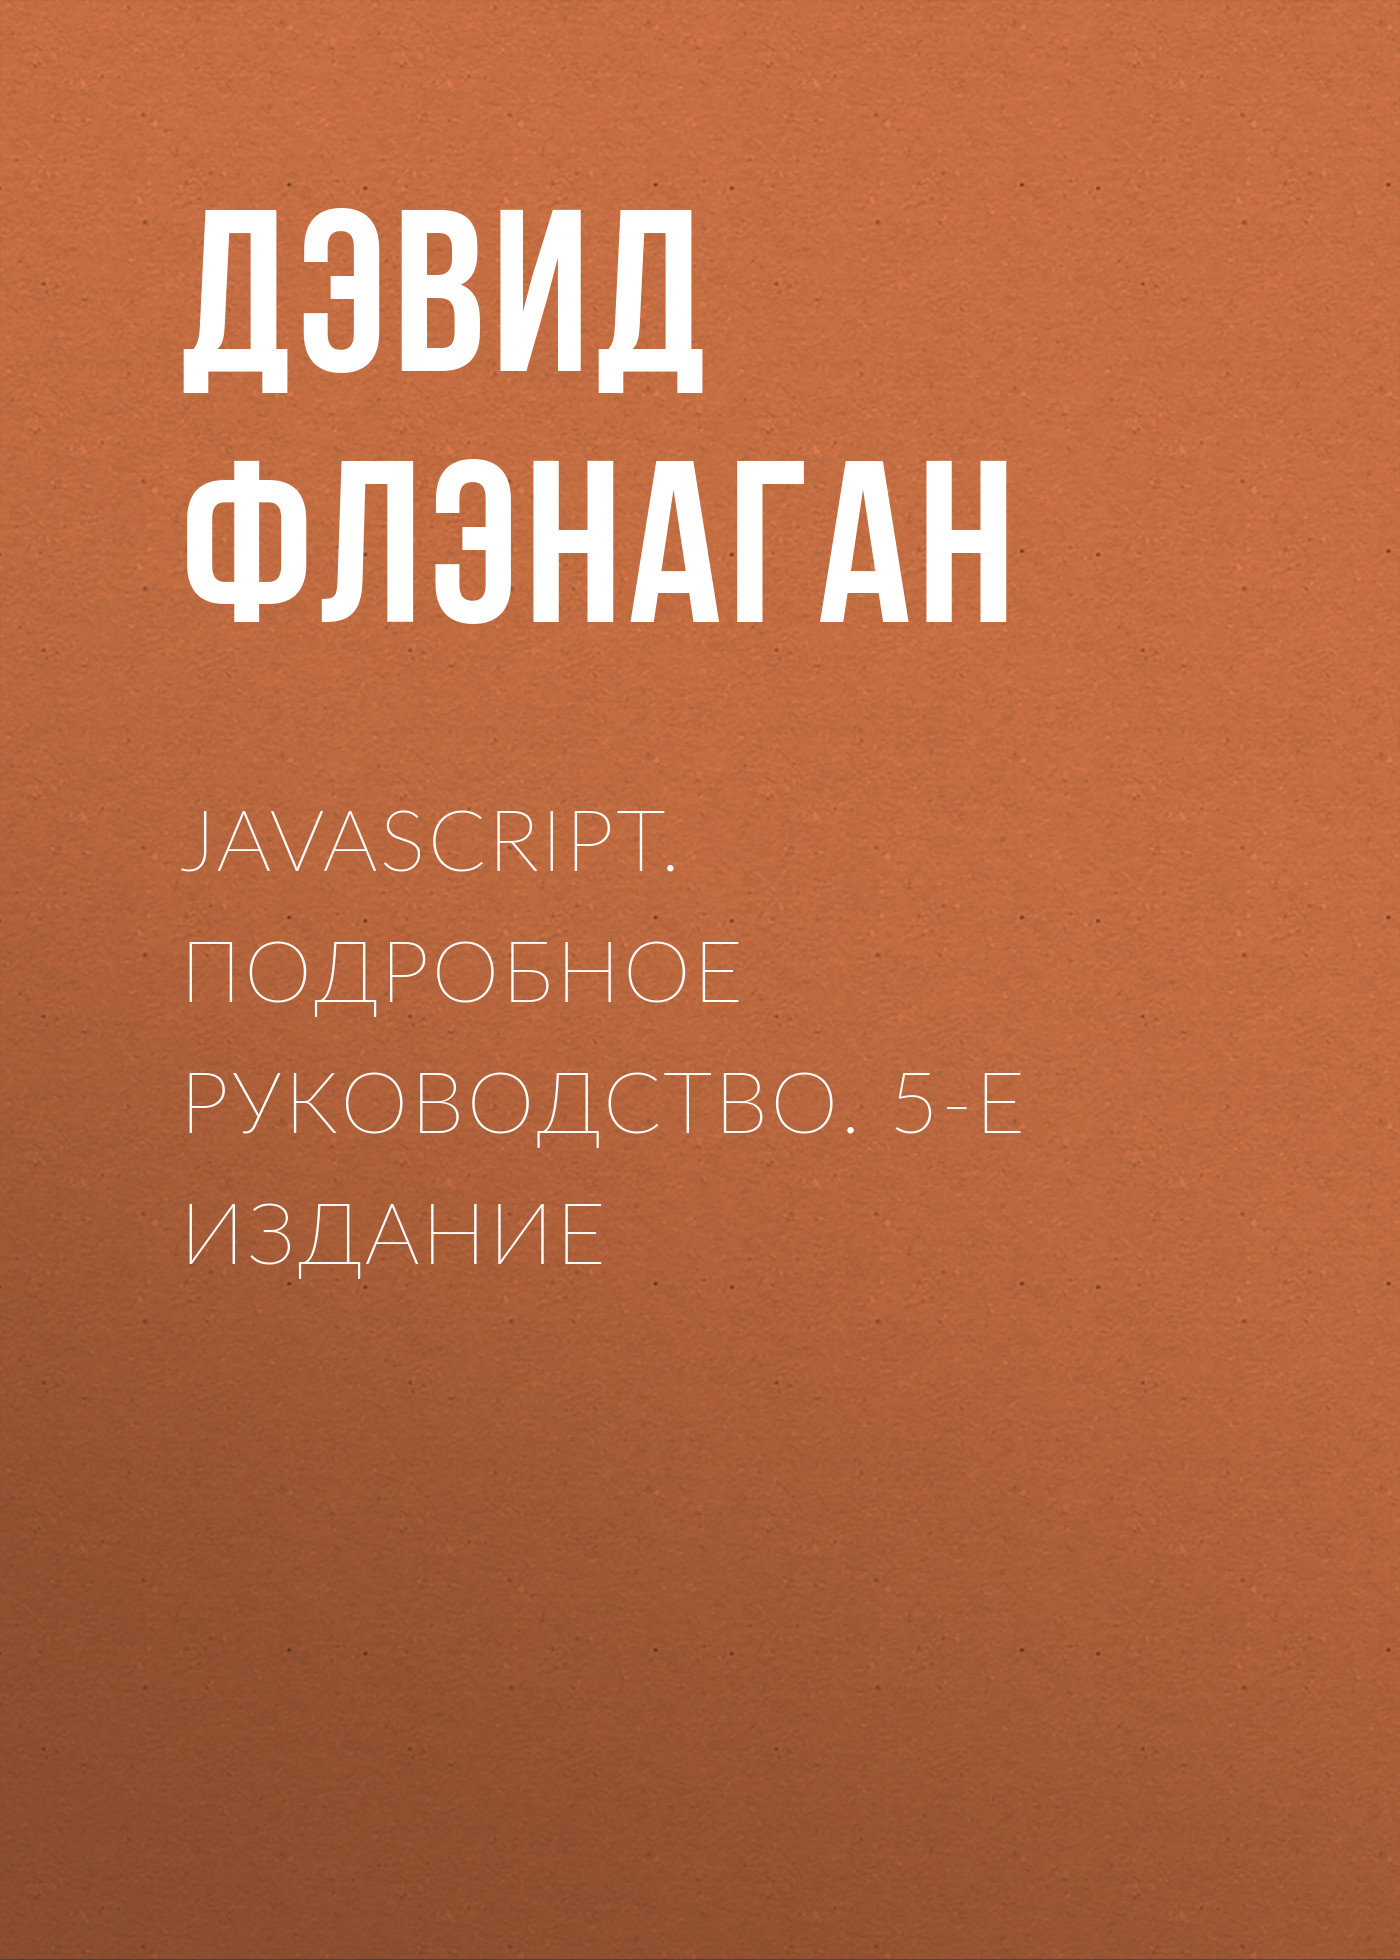 цены на Дэвид Флэнаган JavaScript. Подробное руководство. 5-е издание  в интернет-магазинах